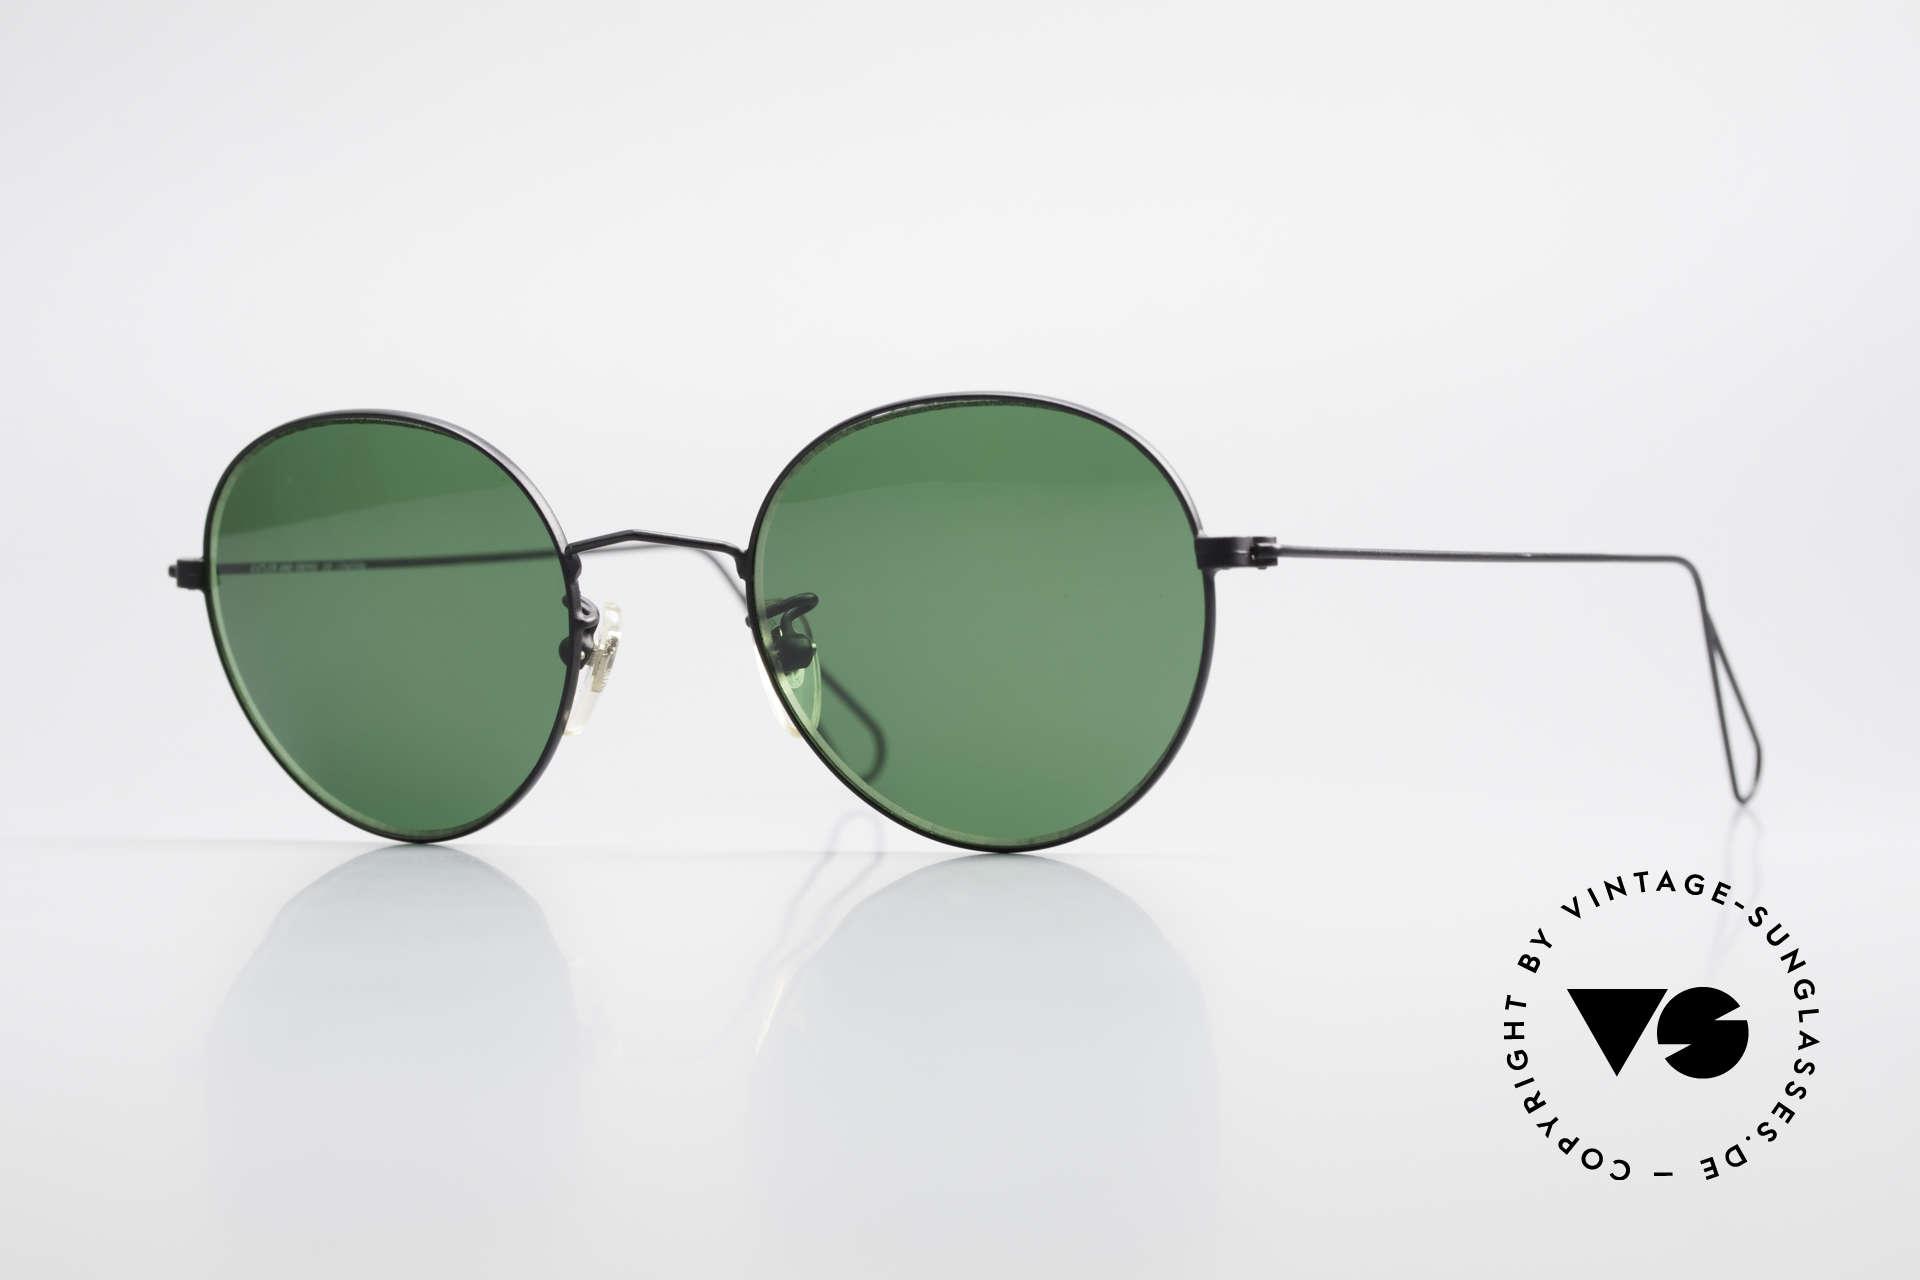 Cutler And Gross 0306 Vintage Panto Sonnenbrille, Cutler & Gross London Designerbrille der späten 90er, Passend für Herren und Damen